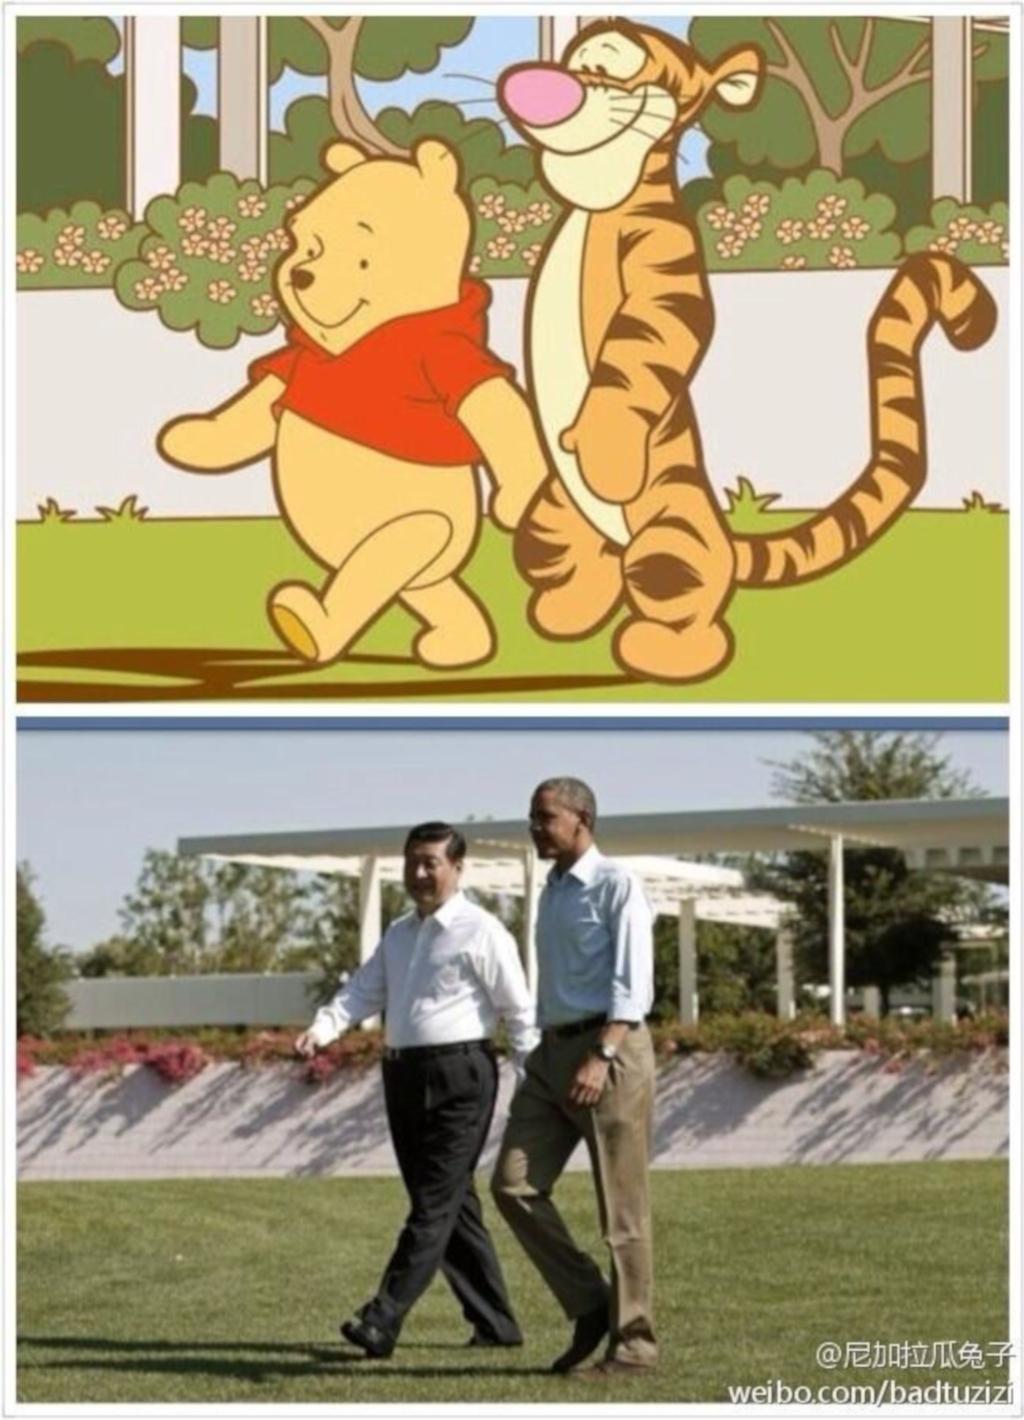 Xi Jinping und Barack Obama 'präfiguriert' durch Winnie the Pooh und Tigger